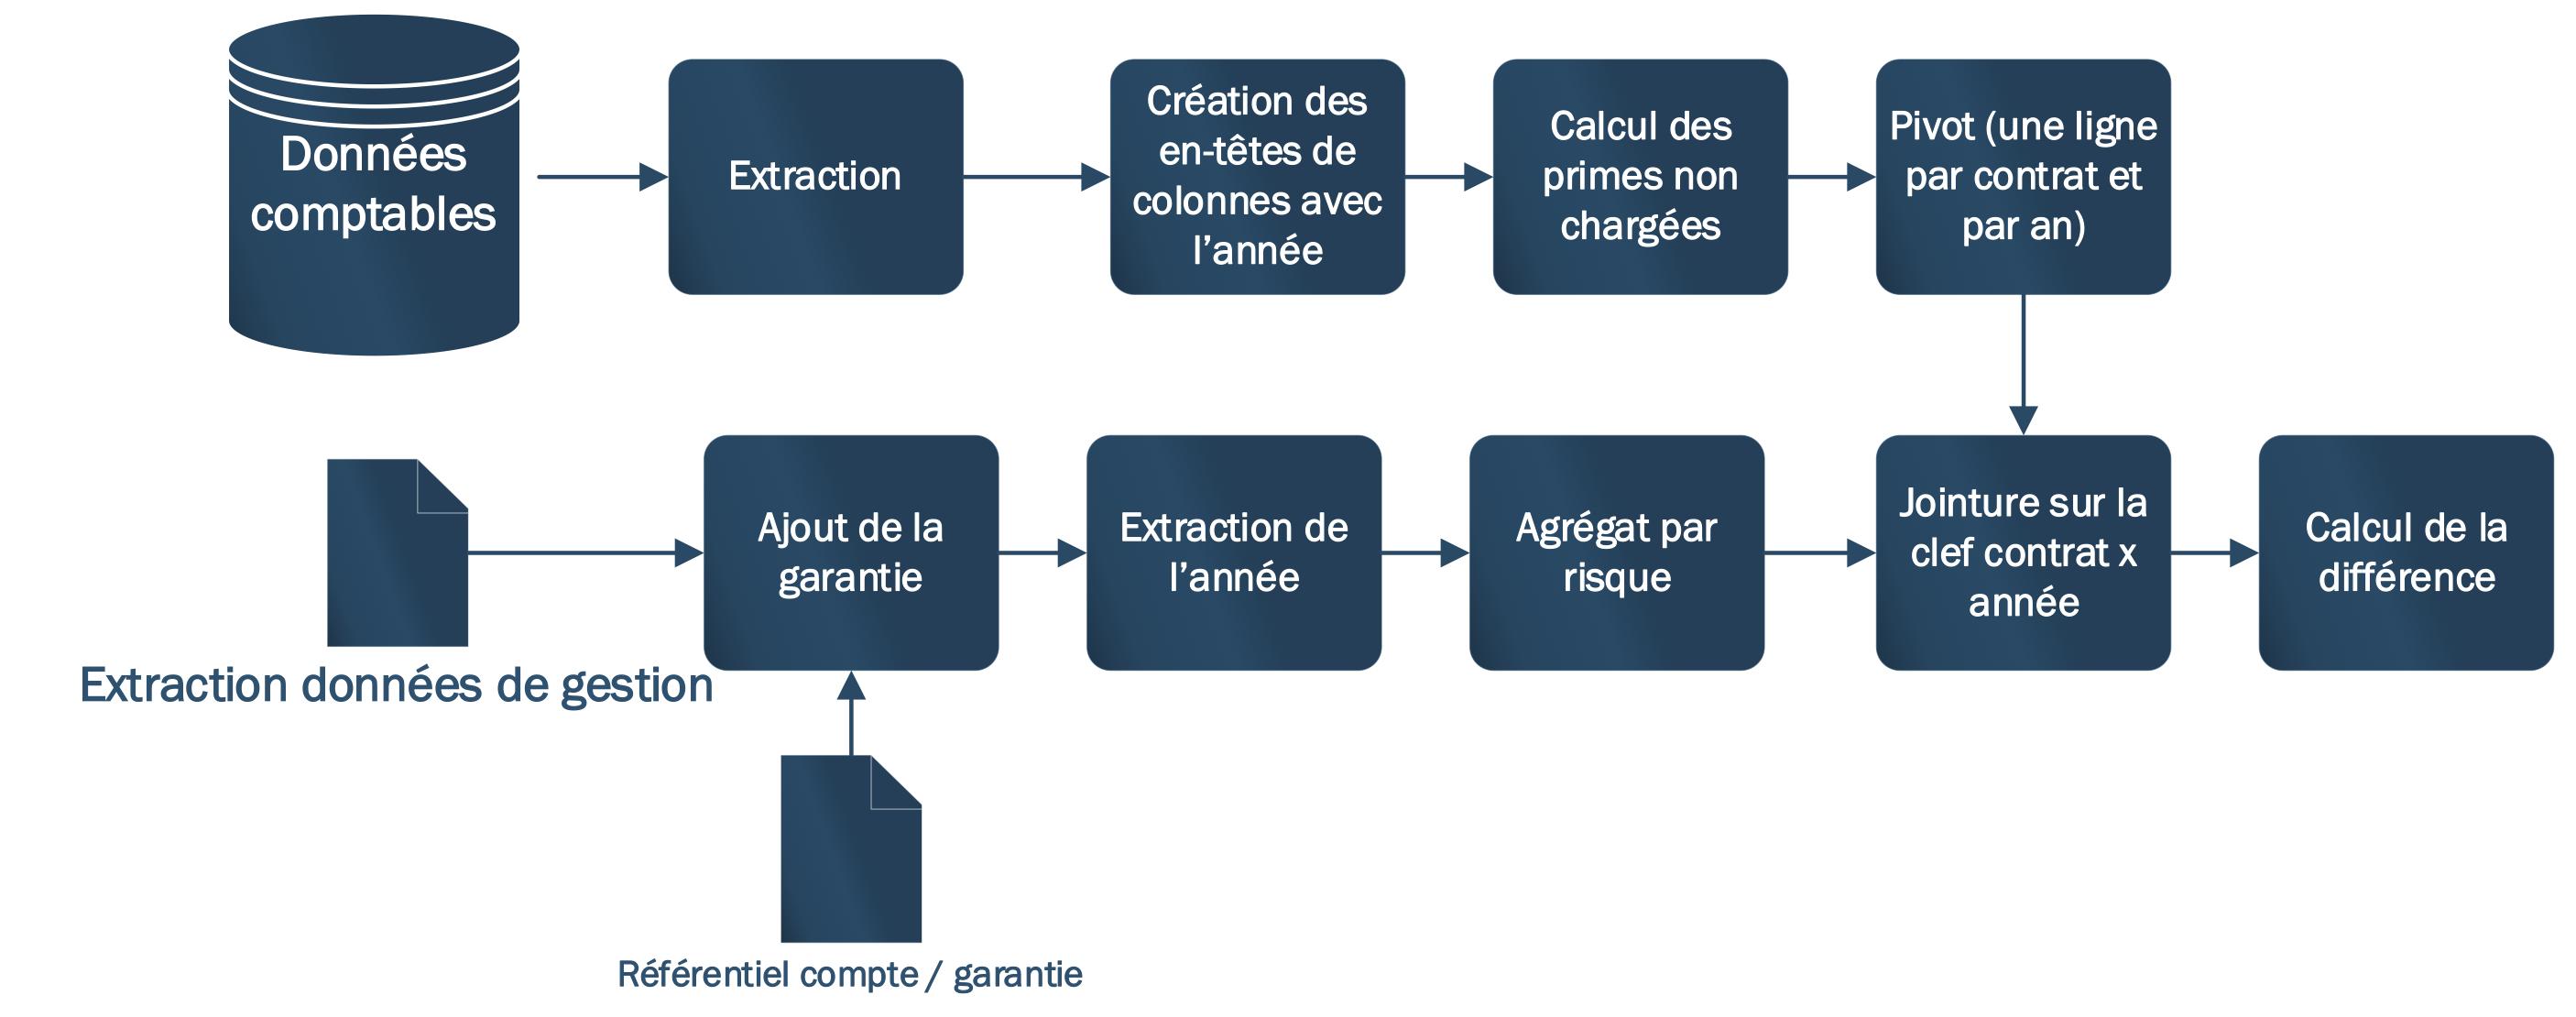 Un processus de génération de données - schéma des data scientists